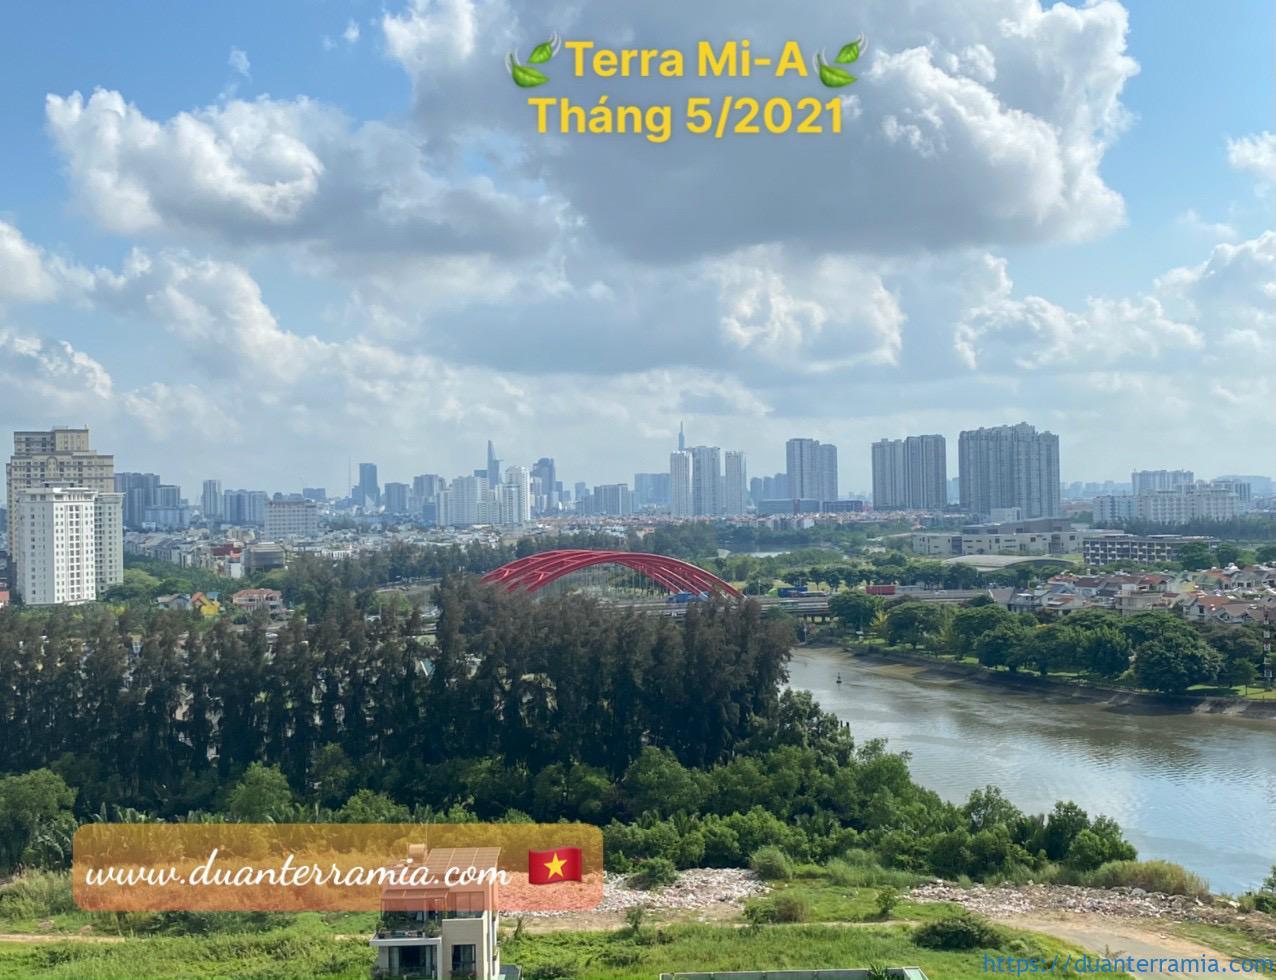 Hướng trọn view thành phồ trong tầm mắt tại Terra Mia